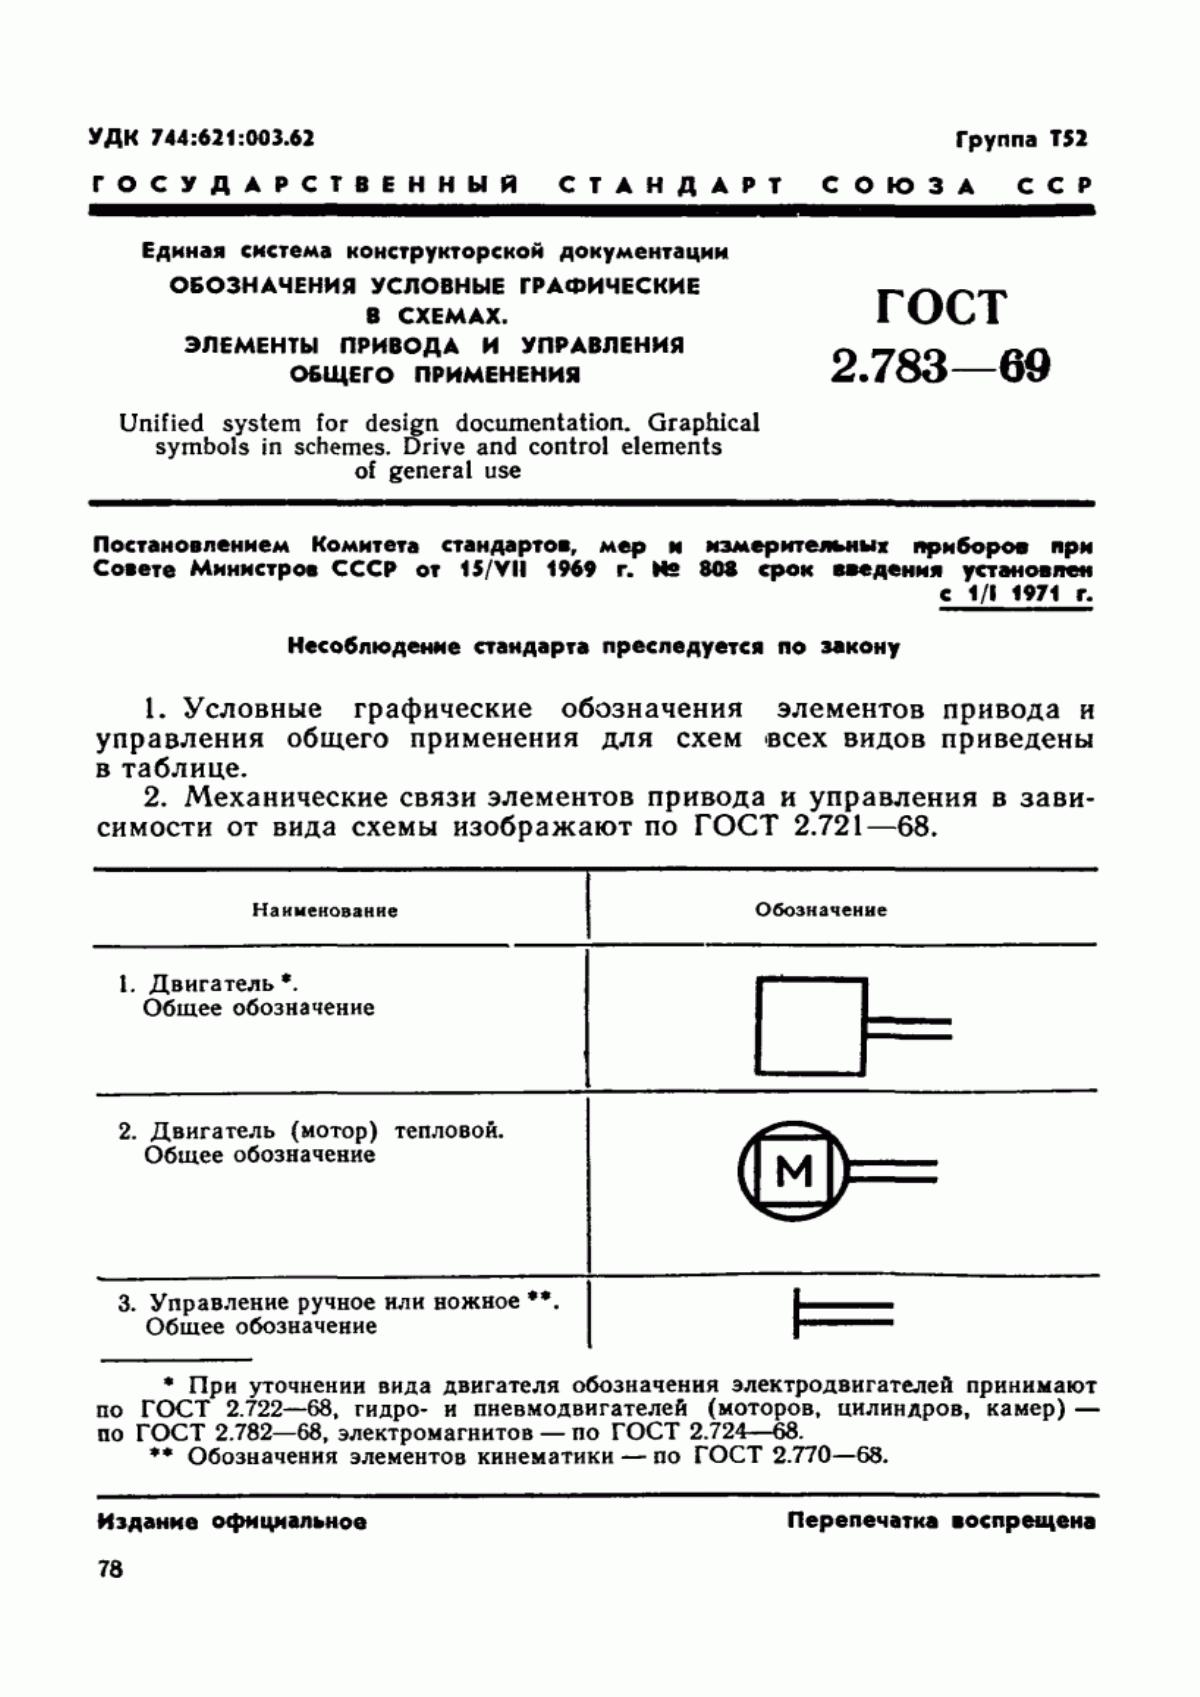 Схемы электронных логических элементов [1962 якубайтис э.а. - основы технической кибернетики]